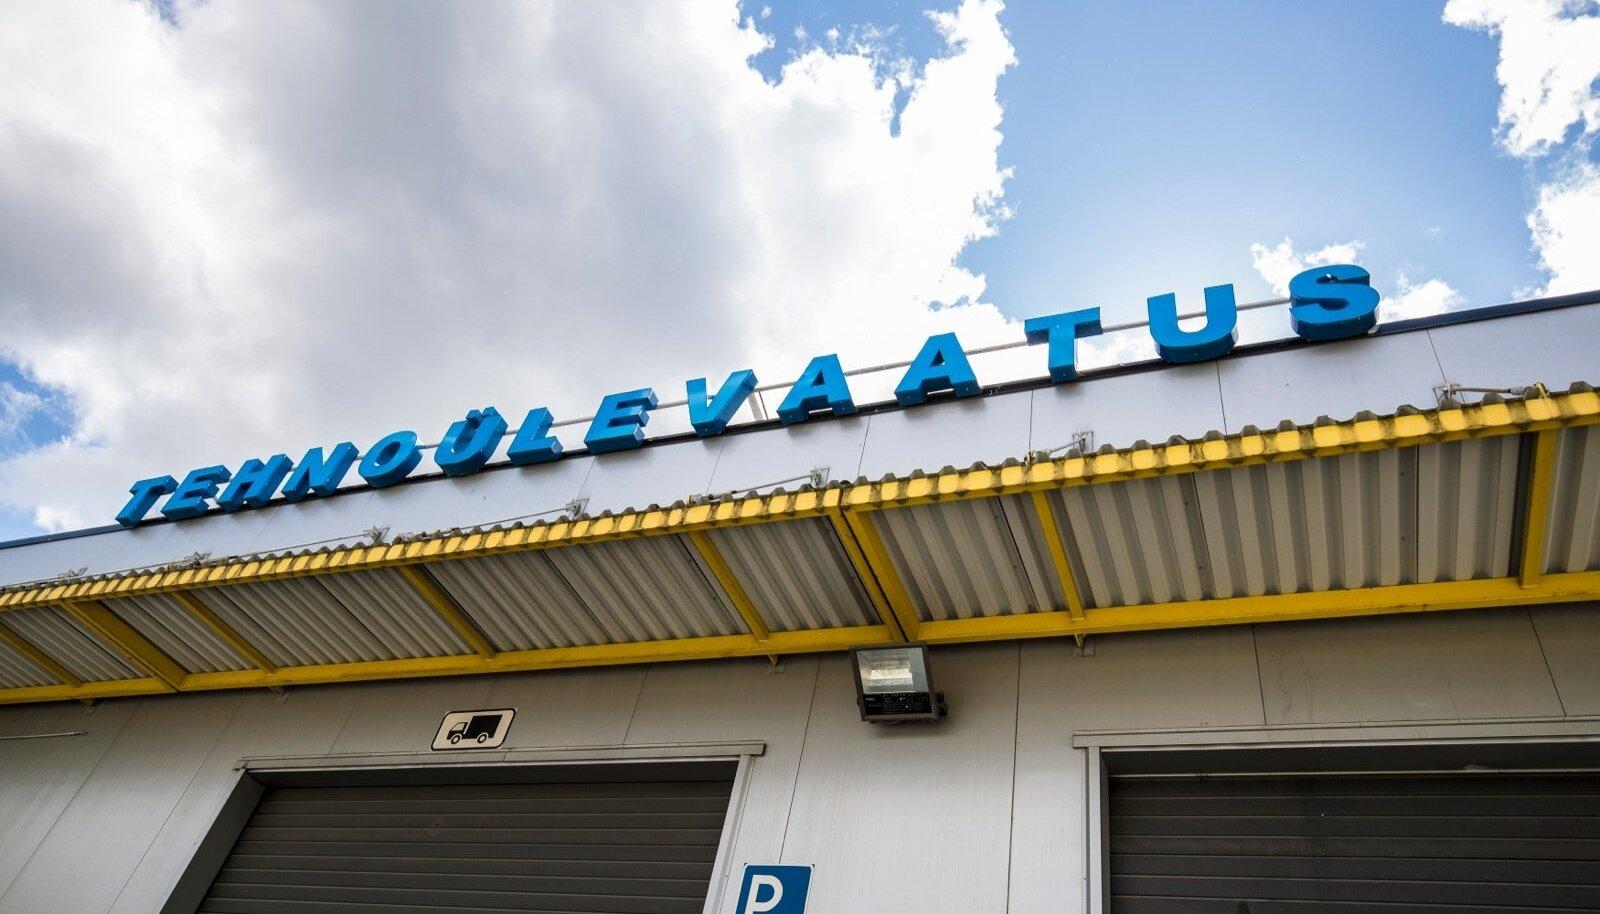 Esimesena toodi päevavalgele Tallinnas Pärnu maanteel, maanteeameti büroost kõigest mõnesaja meetri kaugusel asuvas tehnoülevaatuspunktis lokanud korruptsioon.